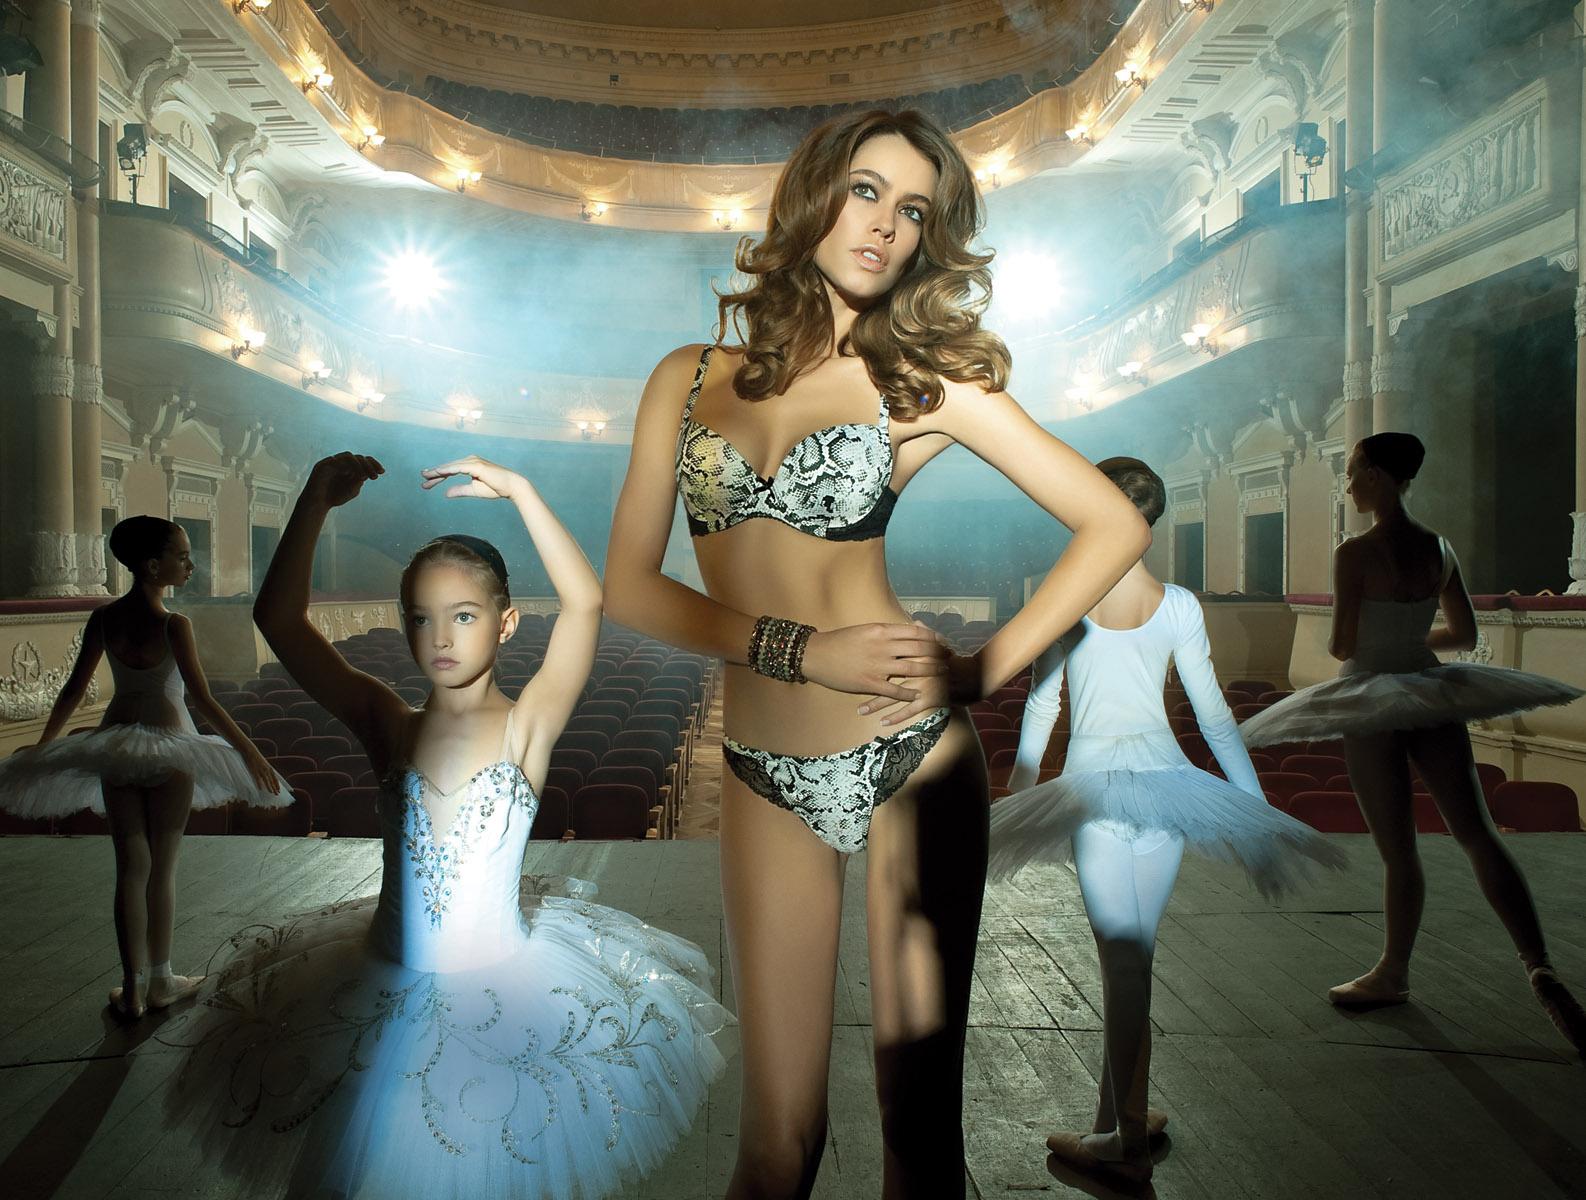 Сайты для девочек моделей фото 20 фотография